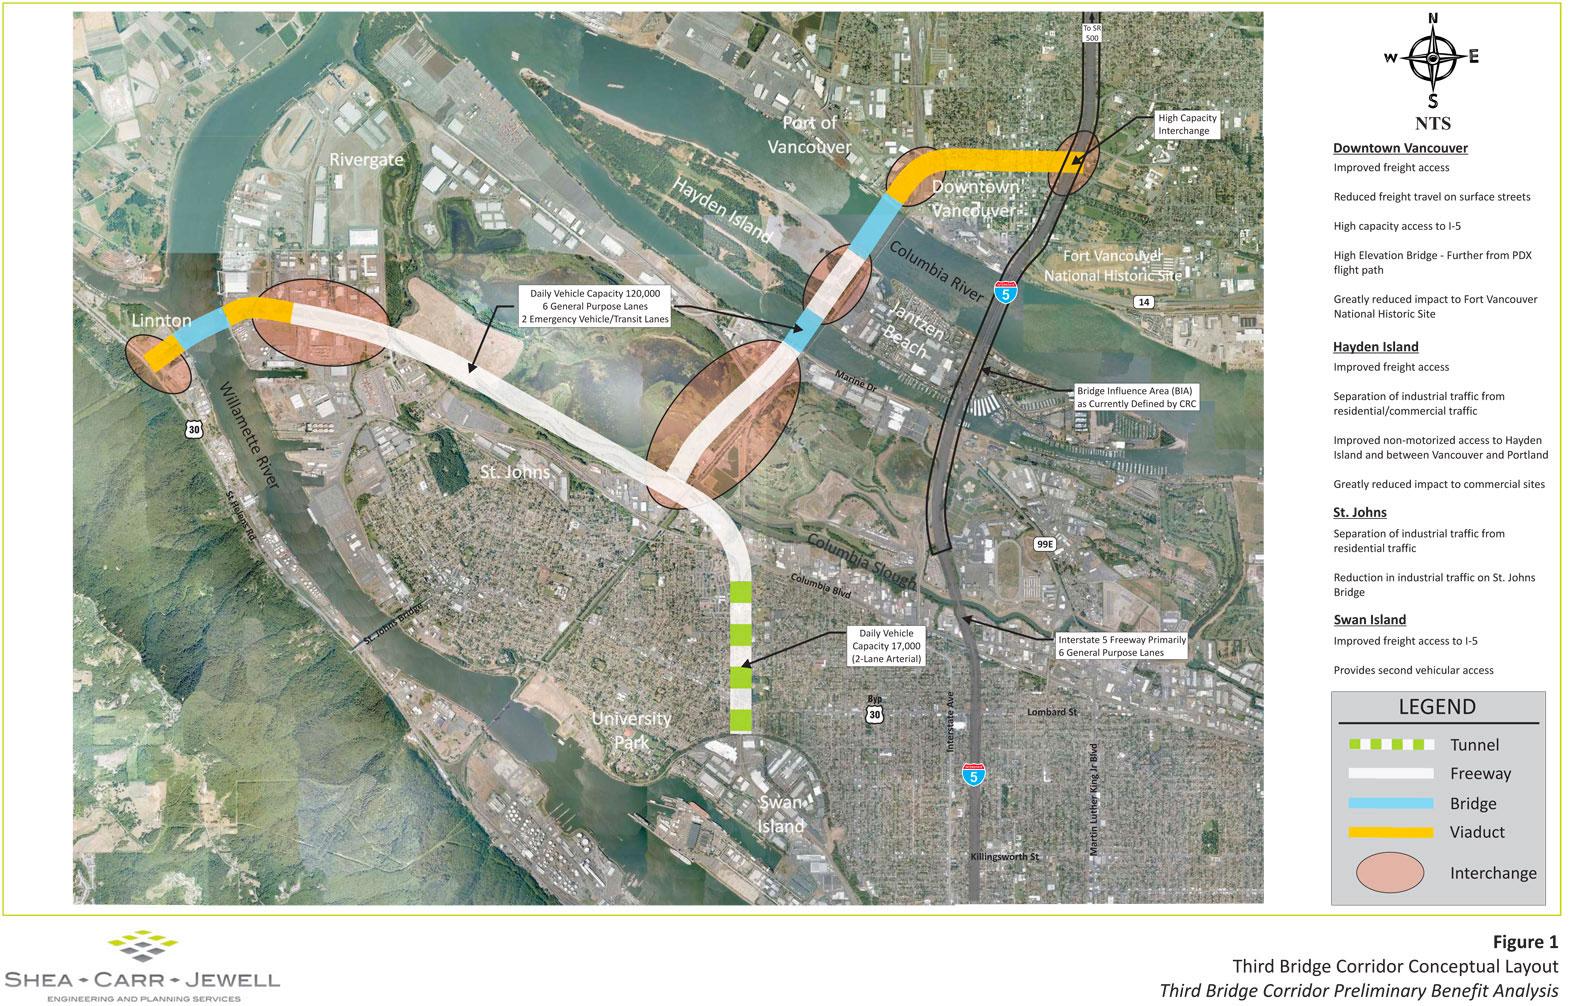 Third Bridge concept map